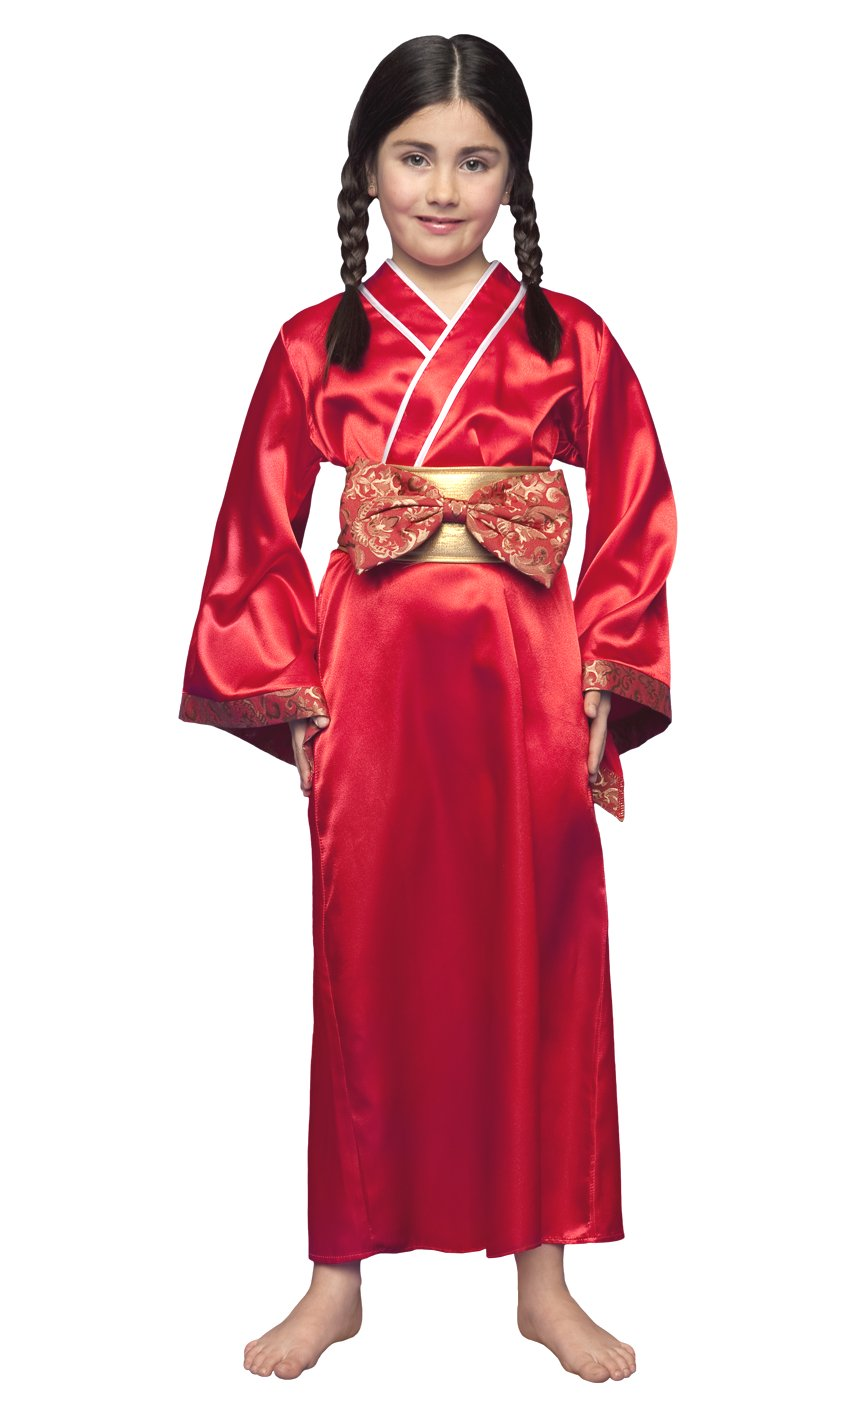 Costume de geisha pour fille